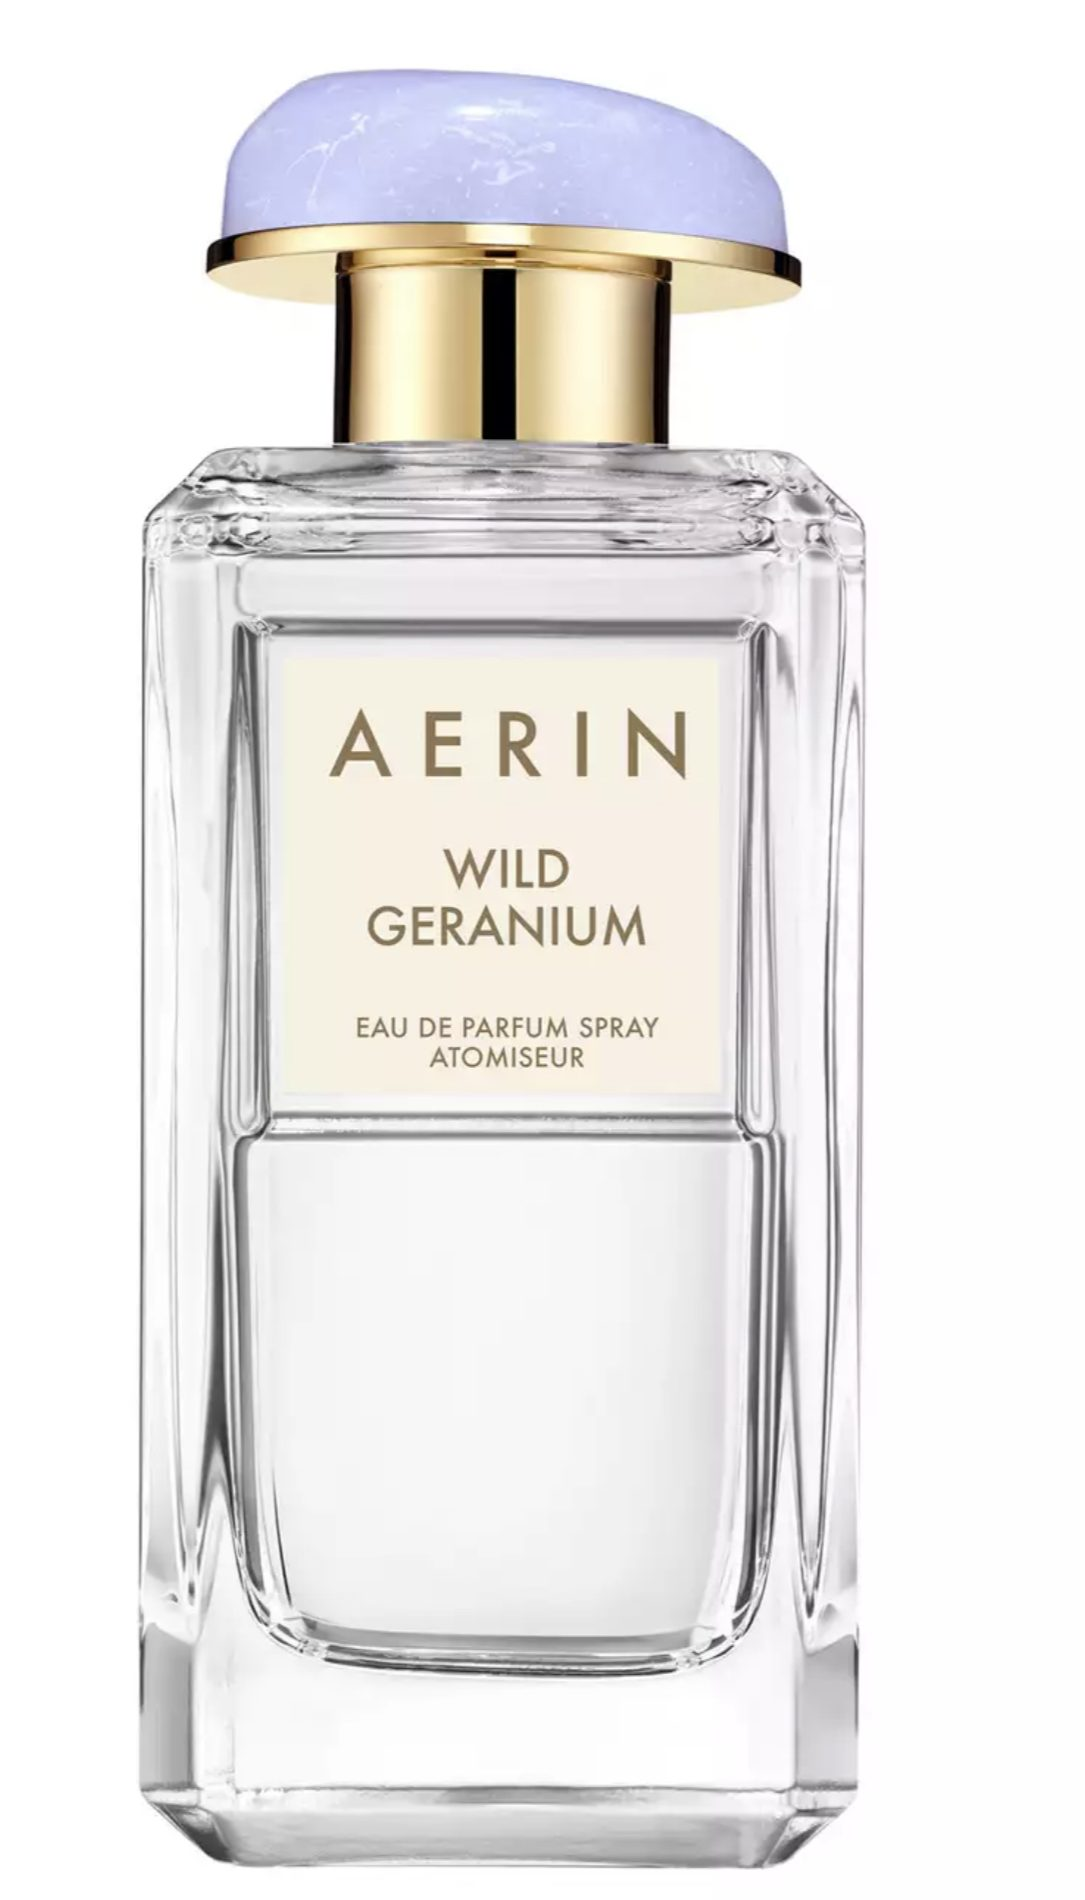 AERIN_WILD_GERANIUM.j